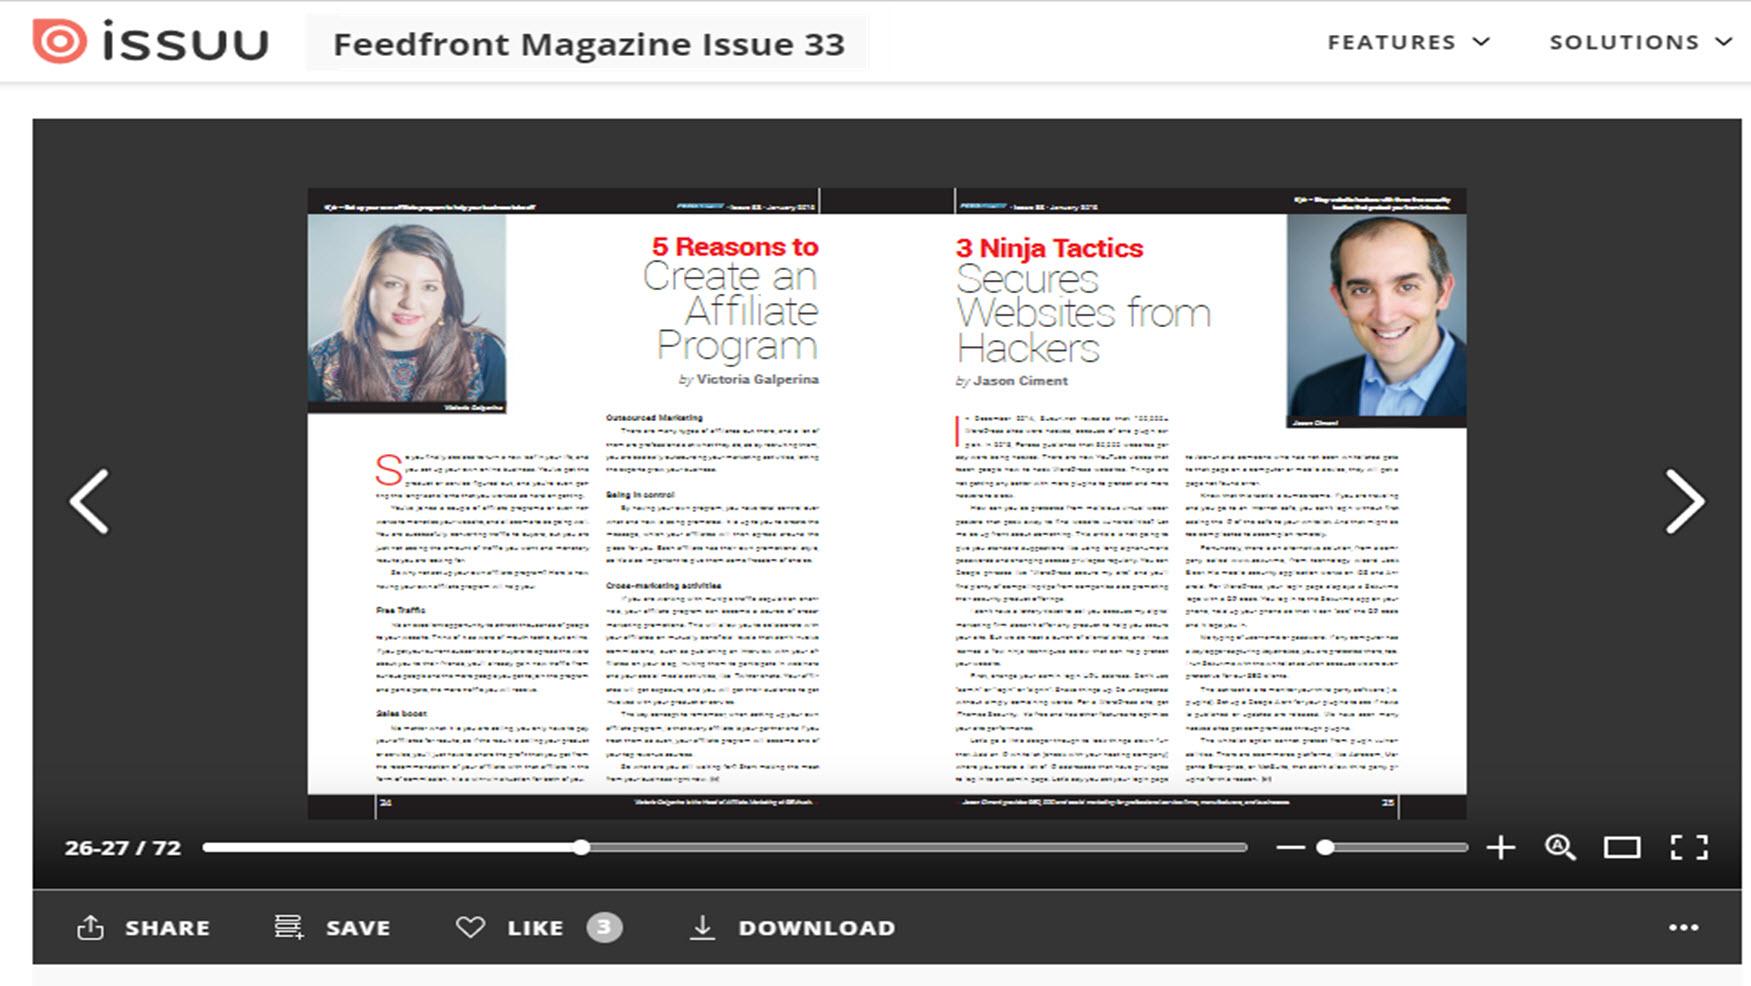 Feedfront Magazine 2015